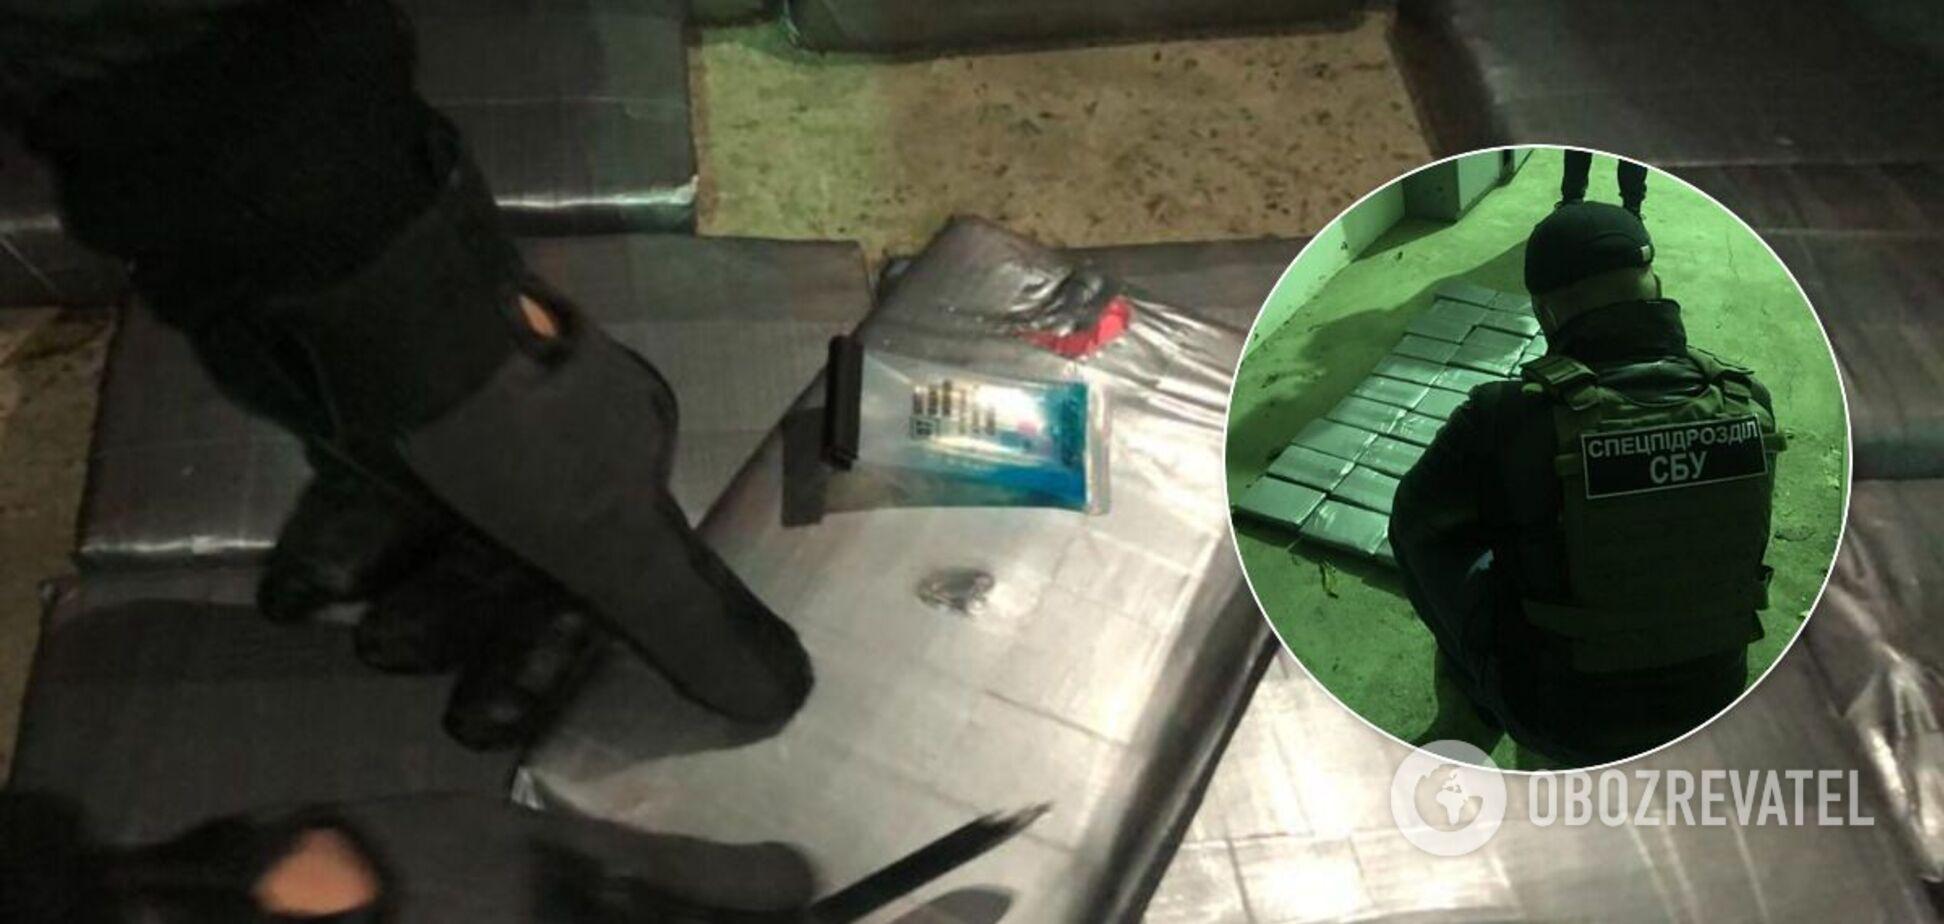 СБУ вказала вагу кокаїну на 8 кг меншу